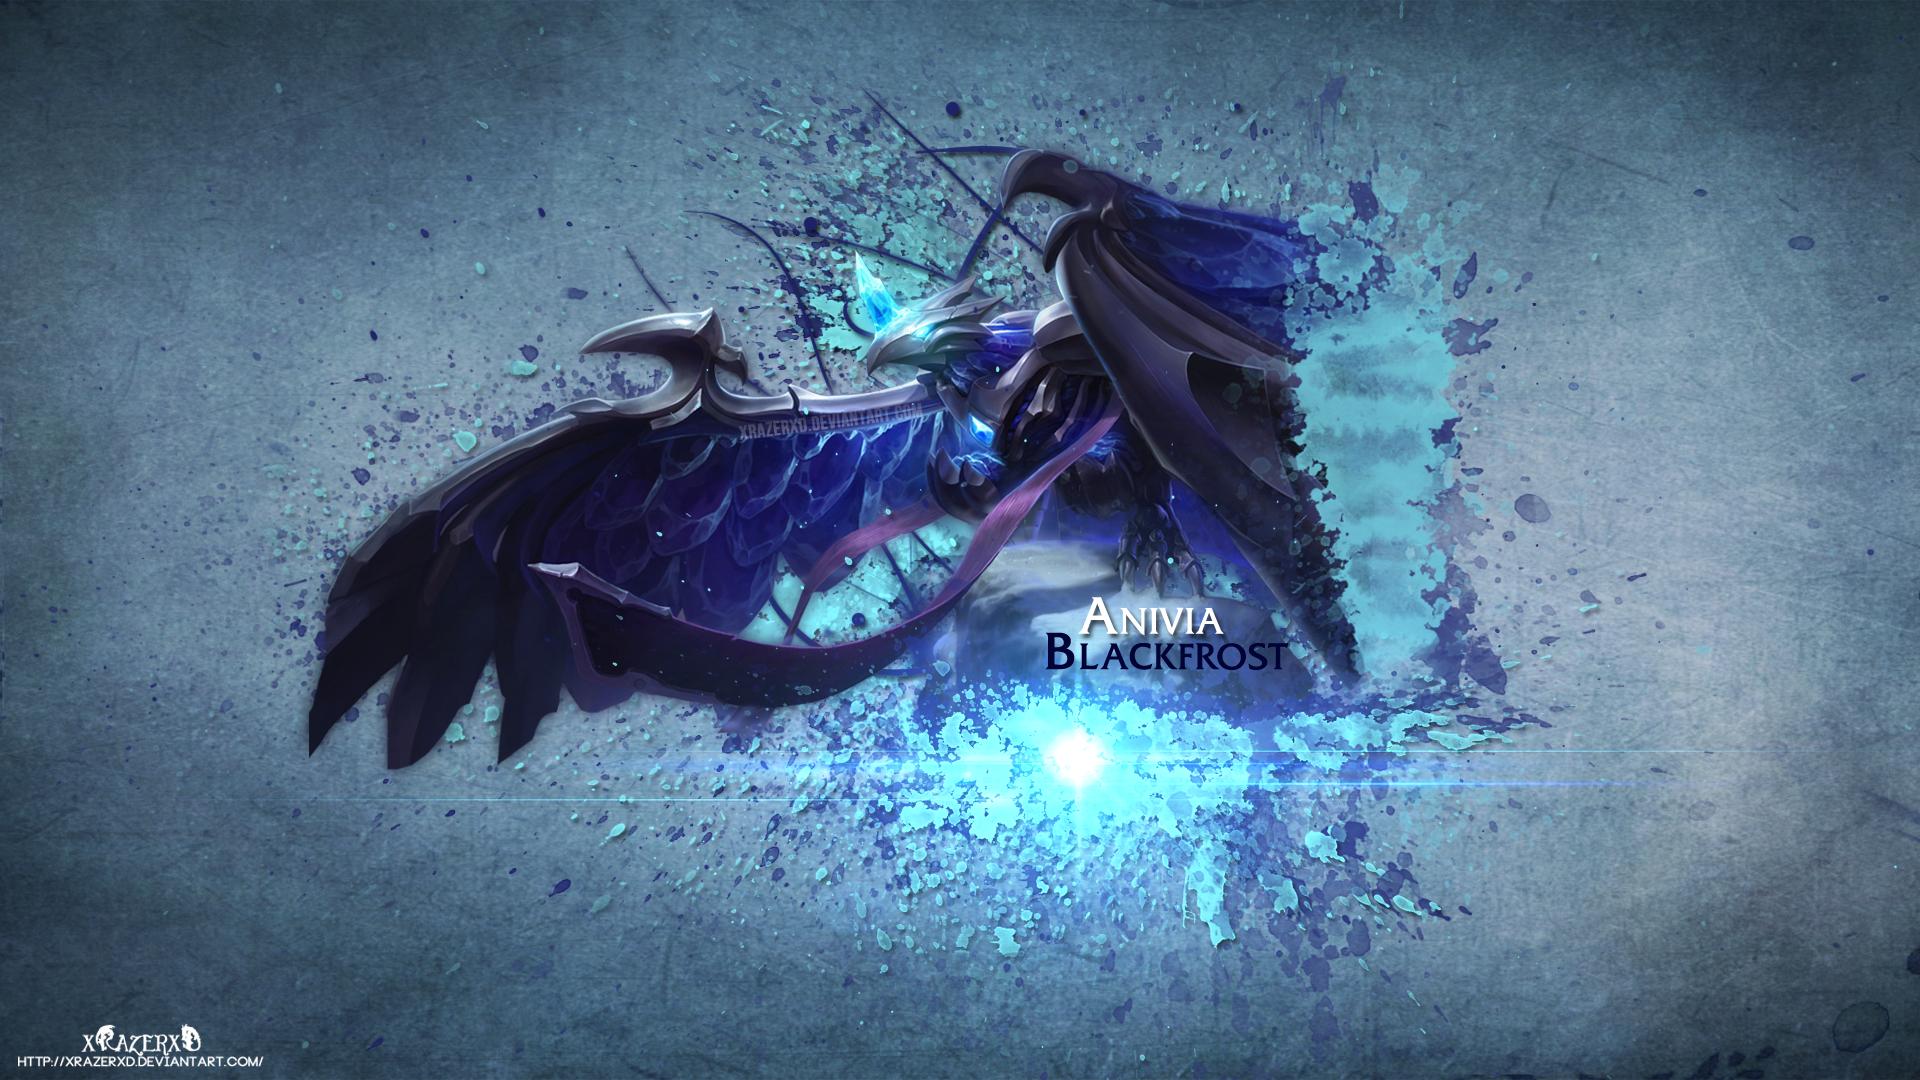 BlackFrost Anivia wallpaper